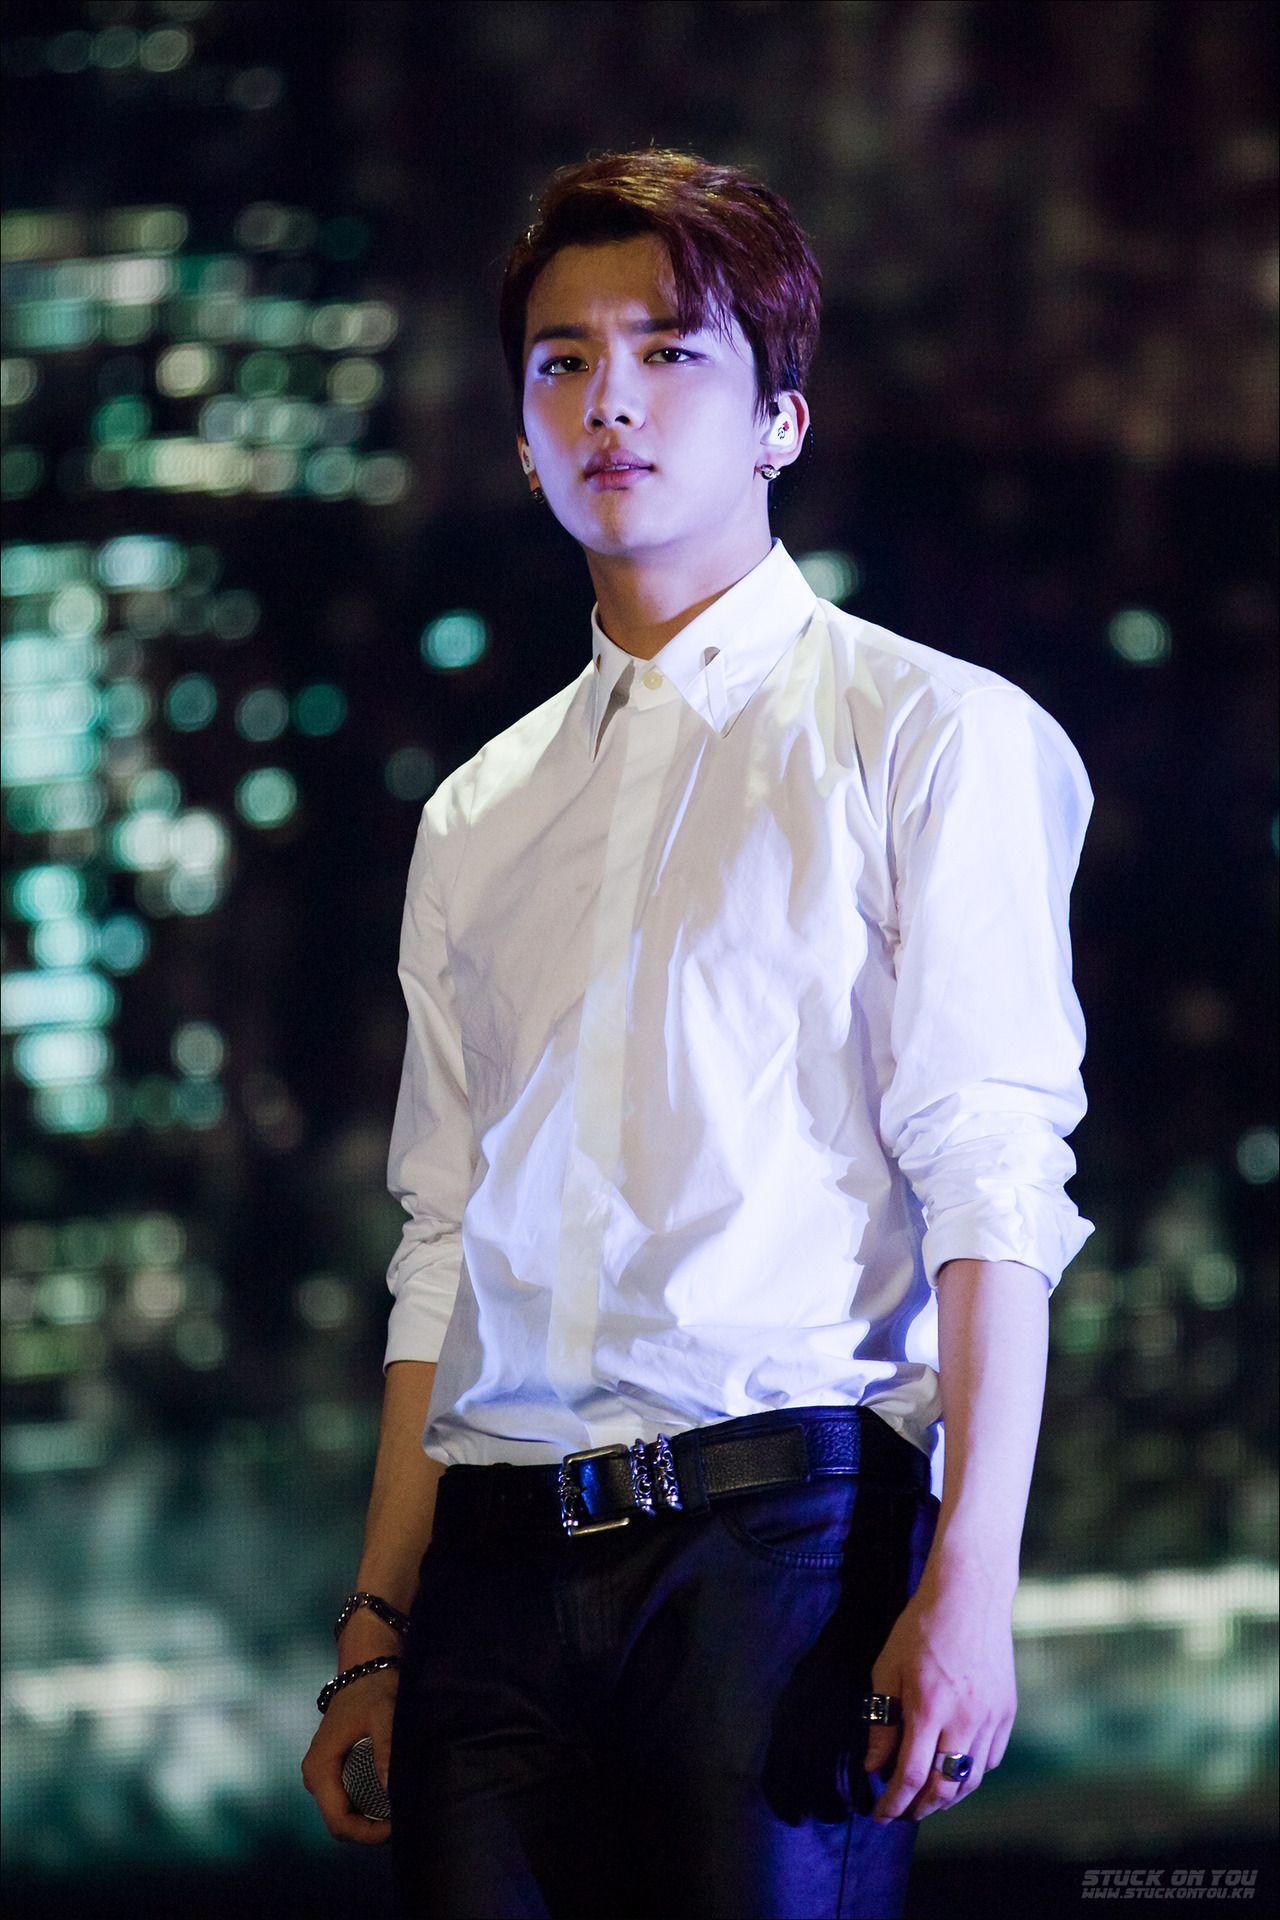 Oh Goddddd Youngjae ur killing me here | ♡BAP♡ | Pinterest ...